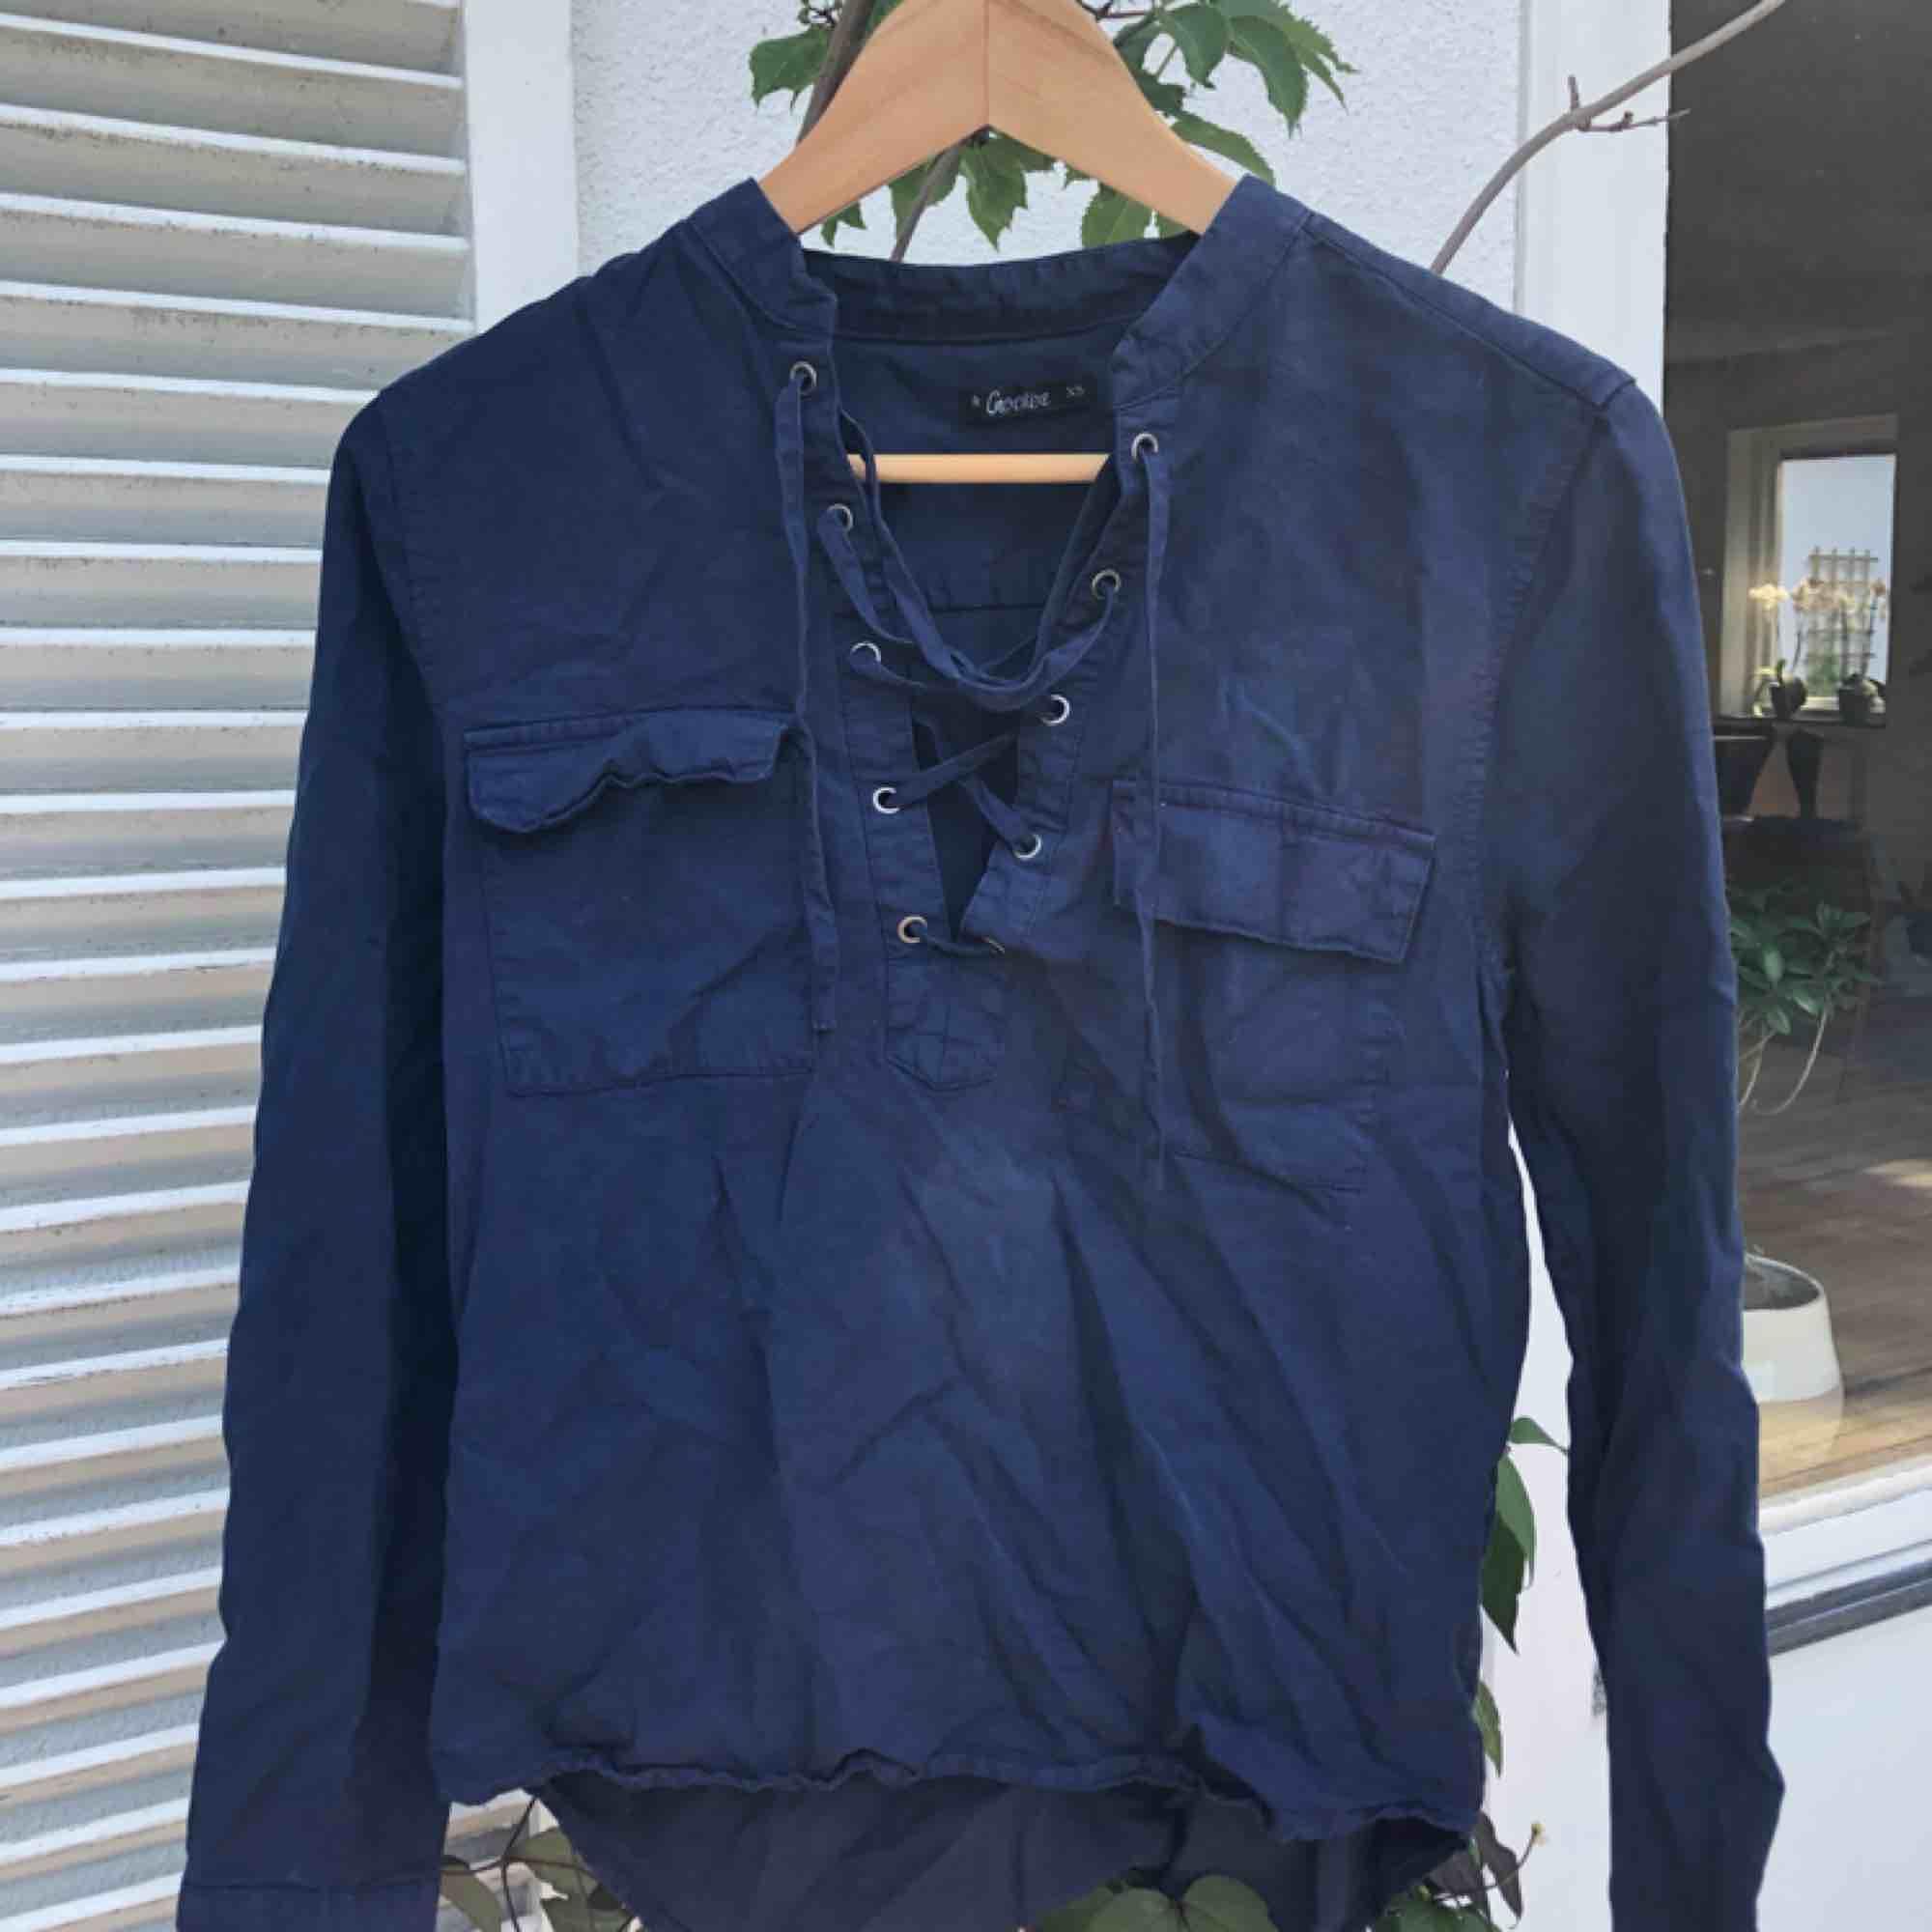 Jättefin skjort tröja i supersnygg mörkblå färg (beskrivs bäst i den första bilden) . Skjortor.